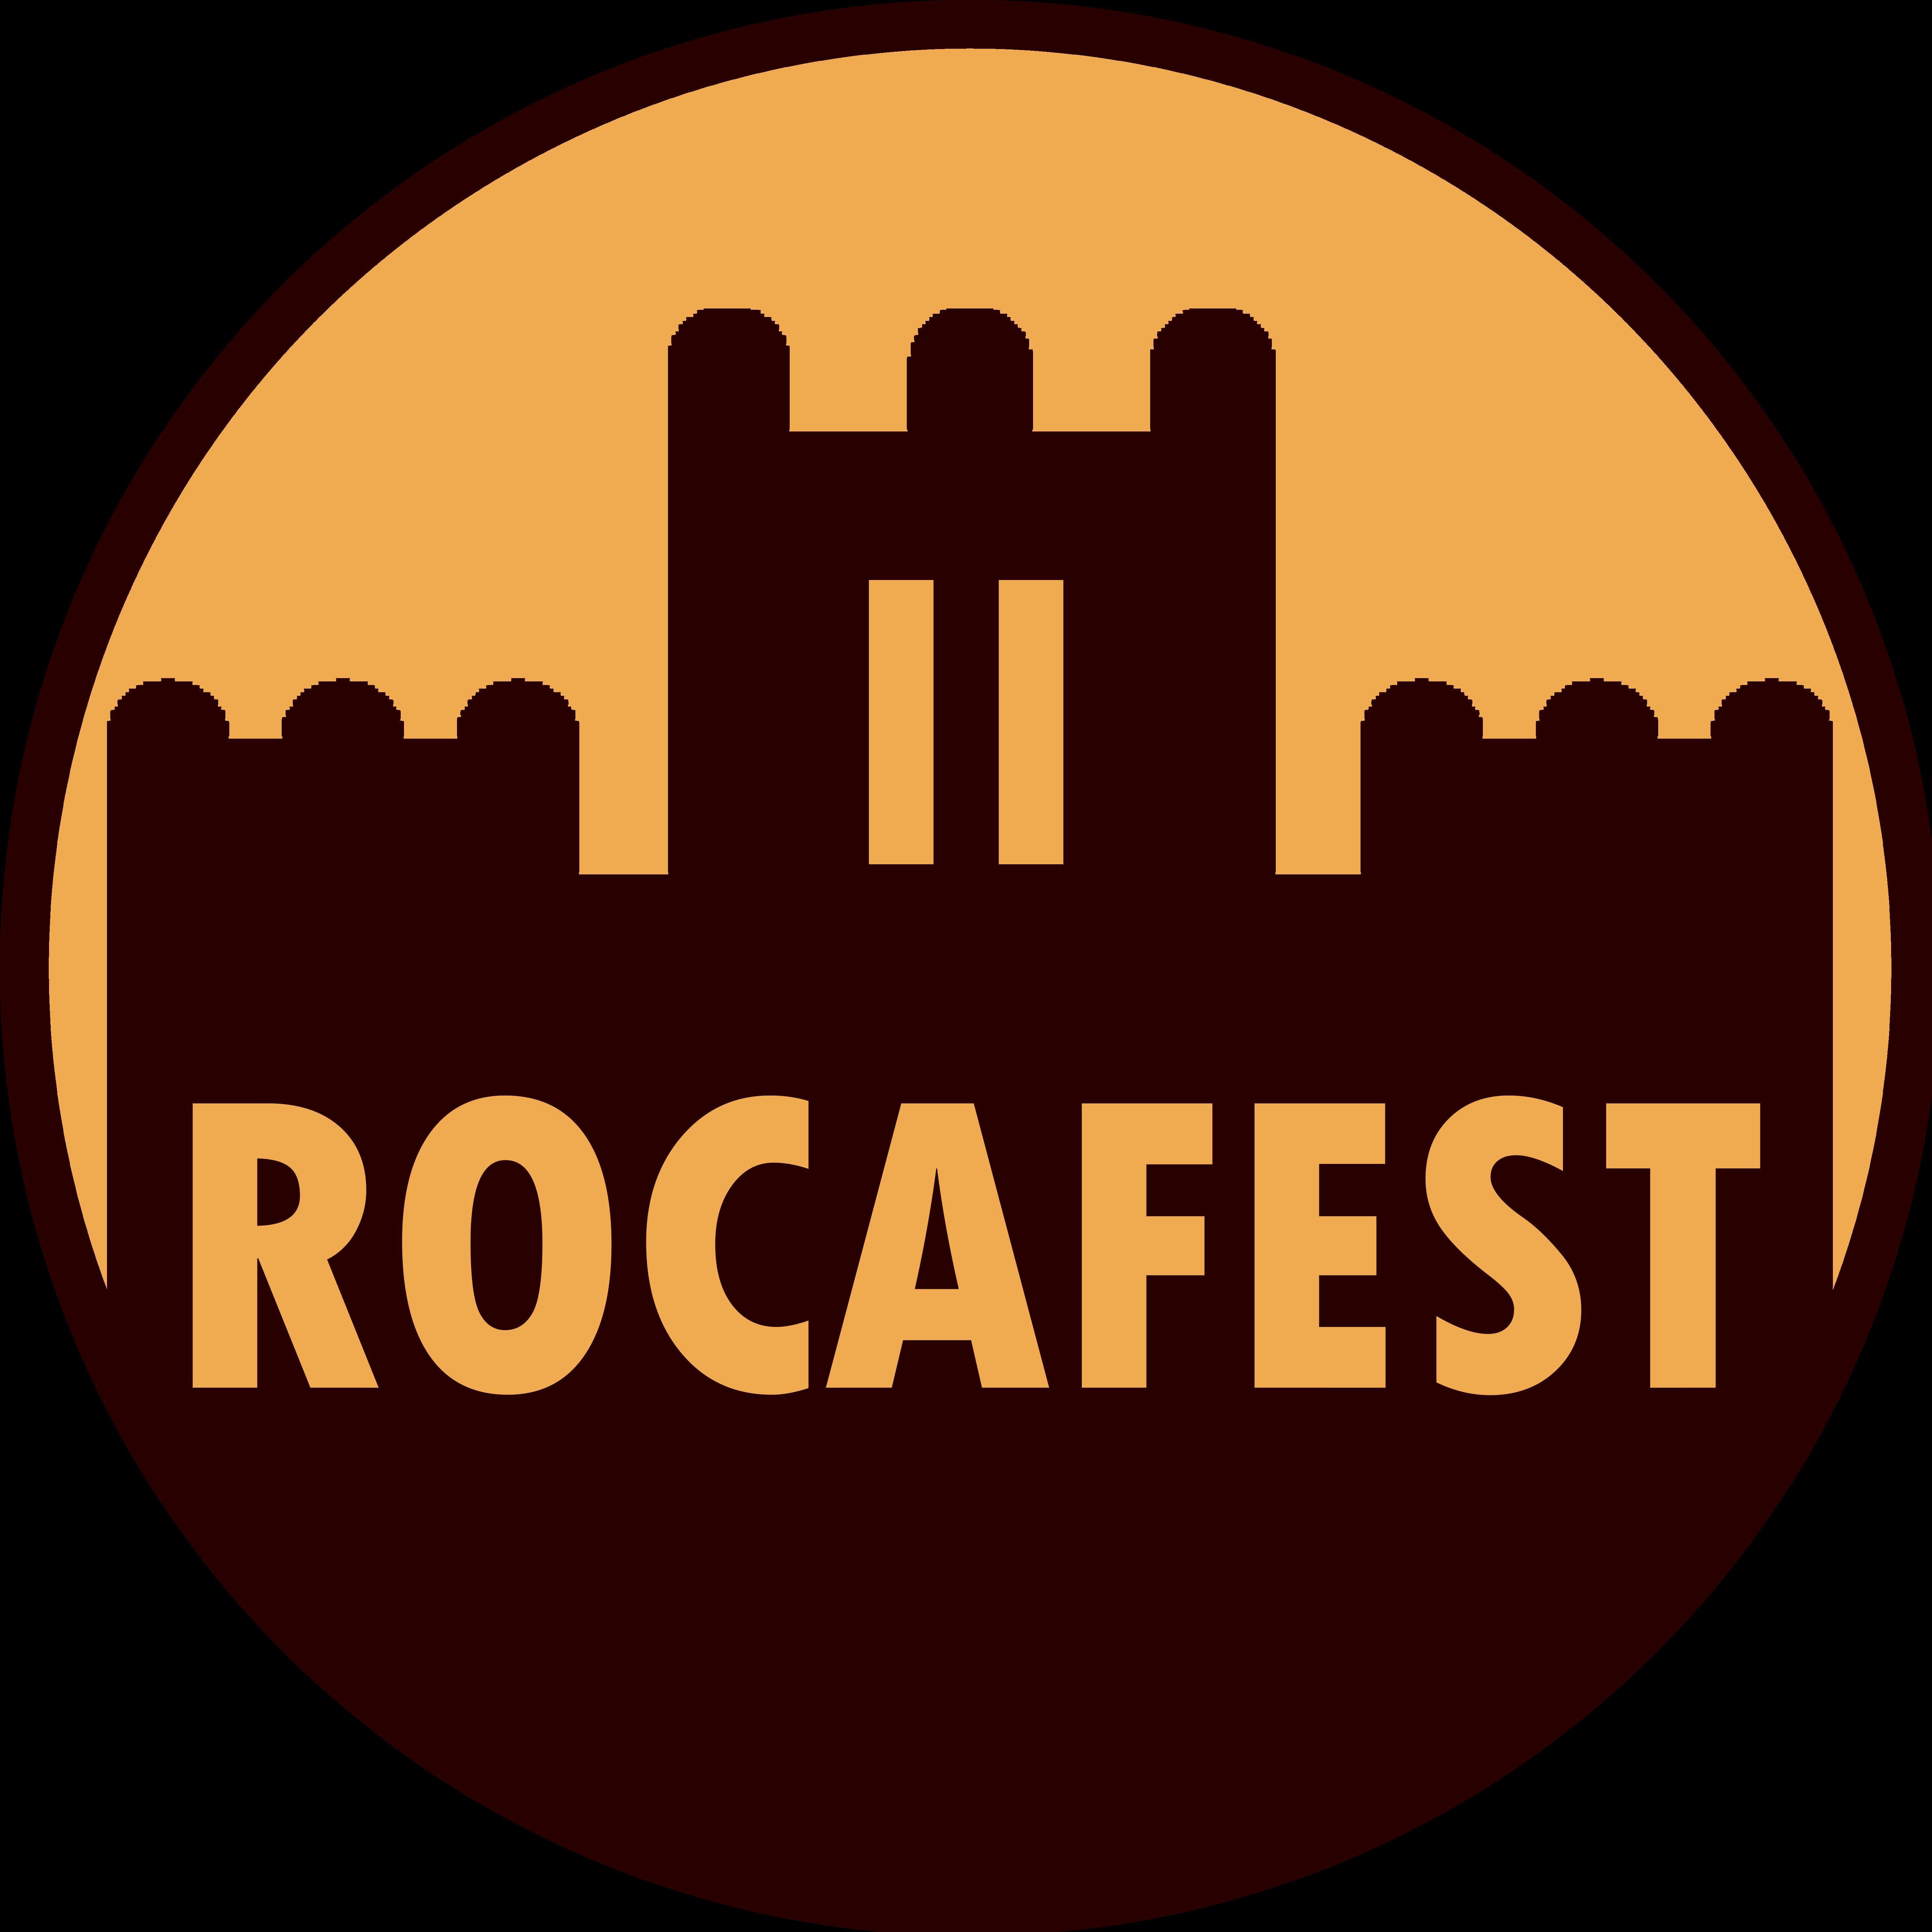 RocaFest